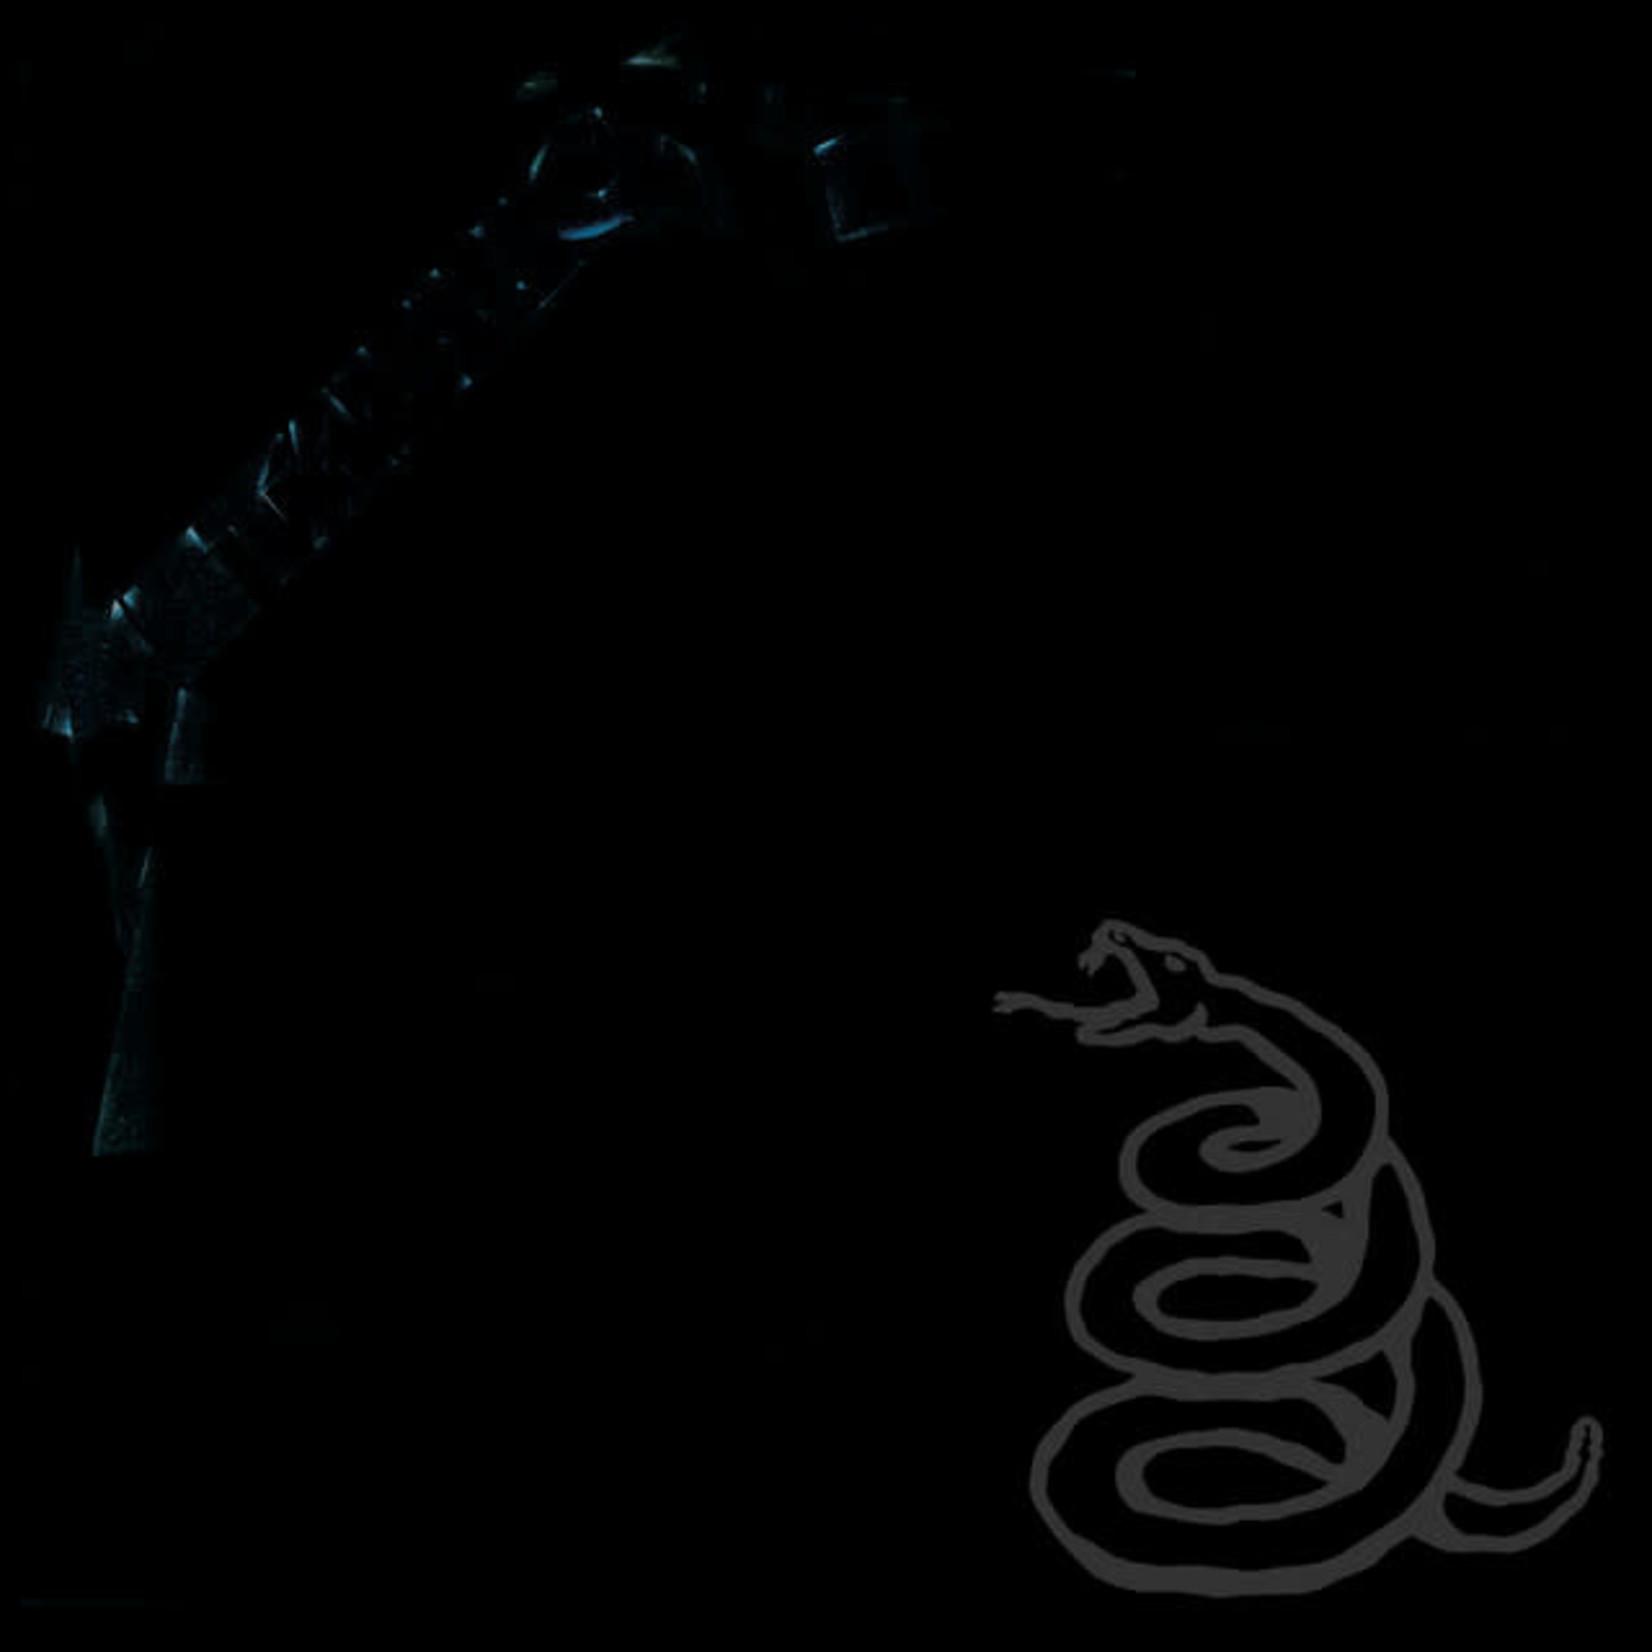 Vinyl Metallica - Metallica (Black Album) - 2021 Remastered Edition